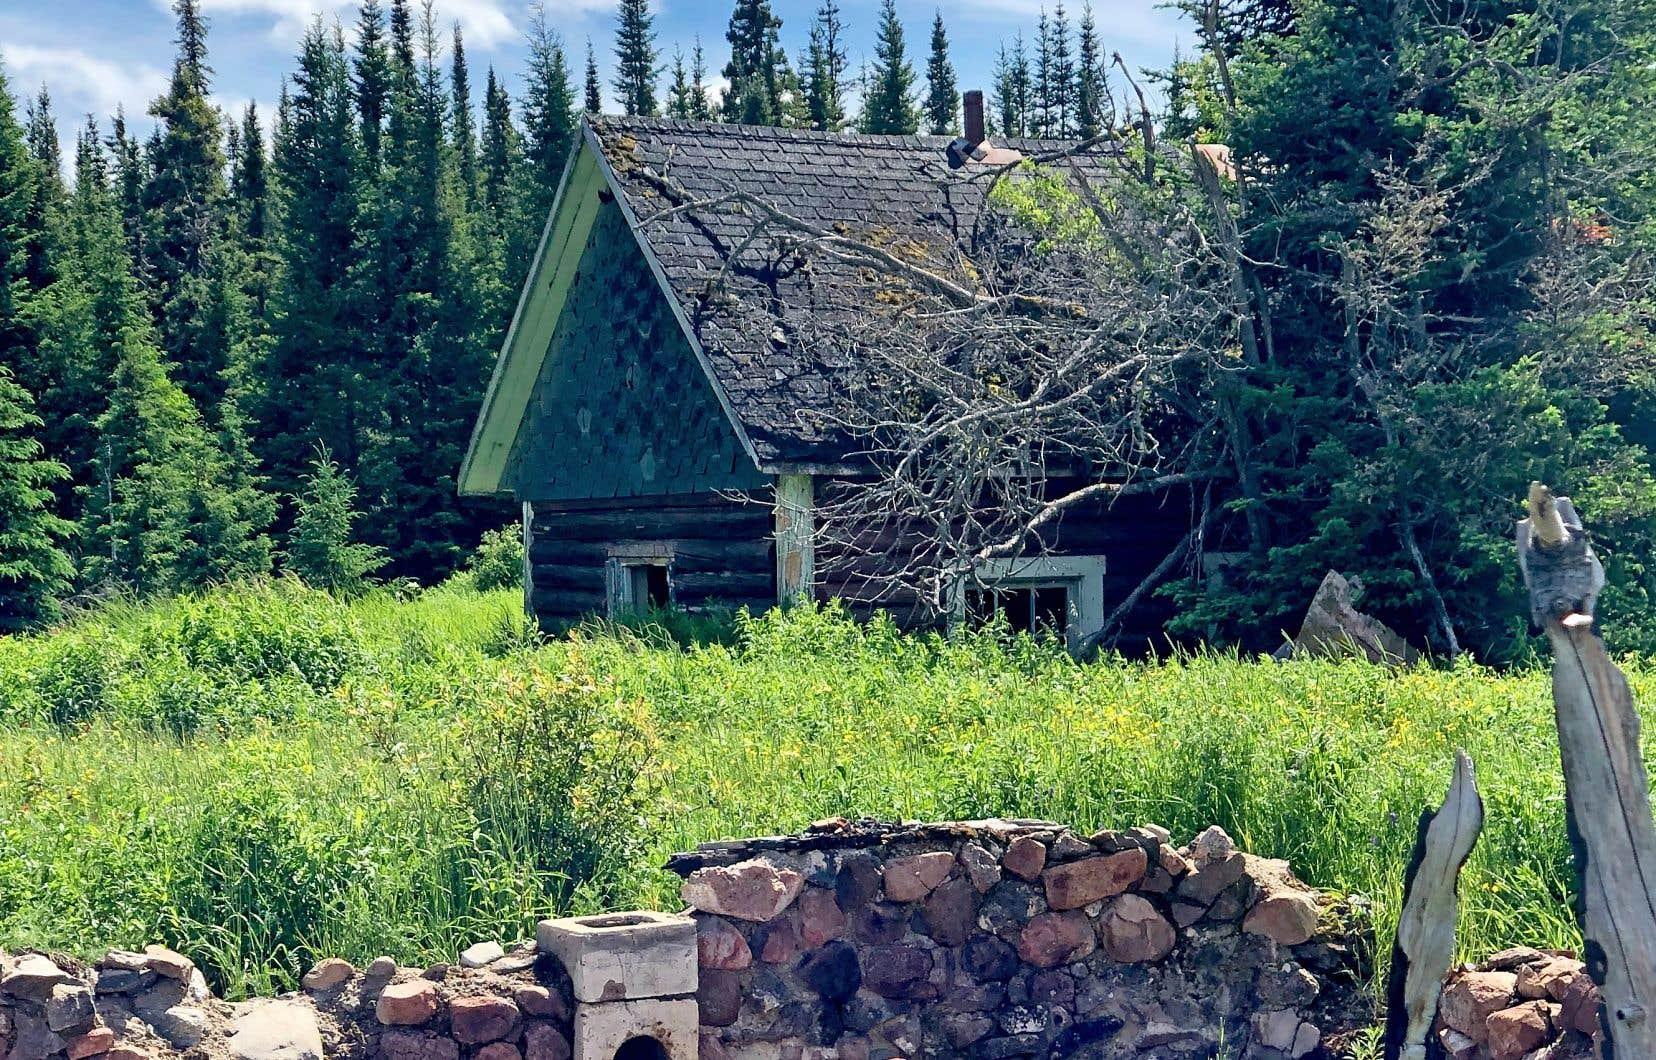 La fondation de pierres d'une maison datant de 1945 gît le long du chemin des Poteaux. Derrière, une maisonnette datant de 1928 s'enfonce petit à petit dans le sol.